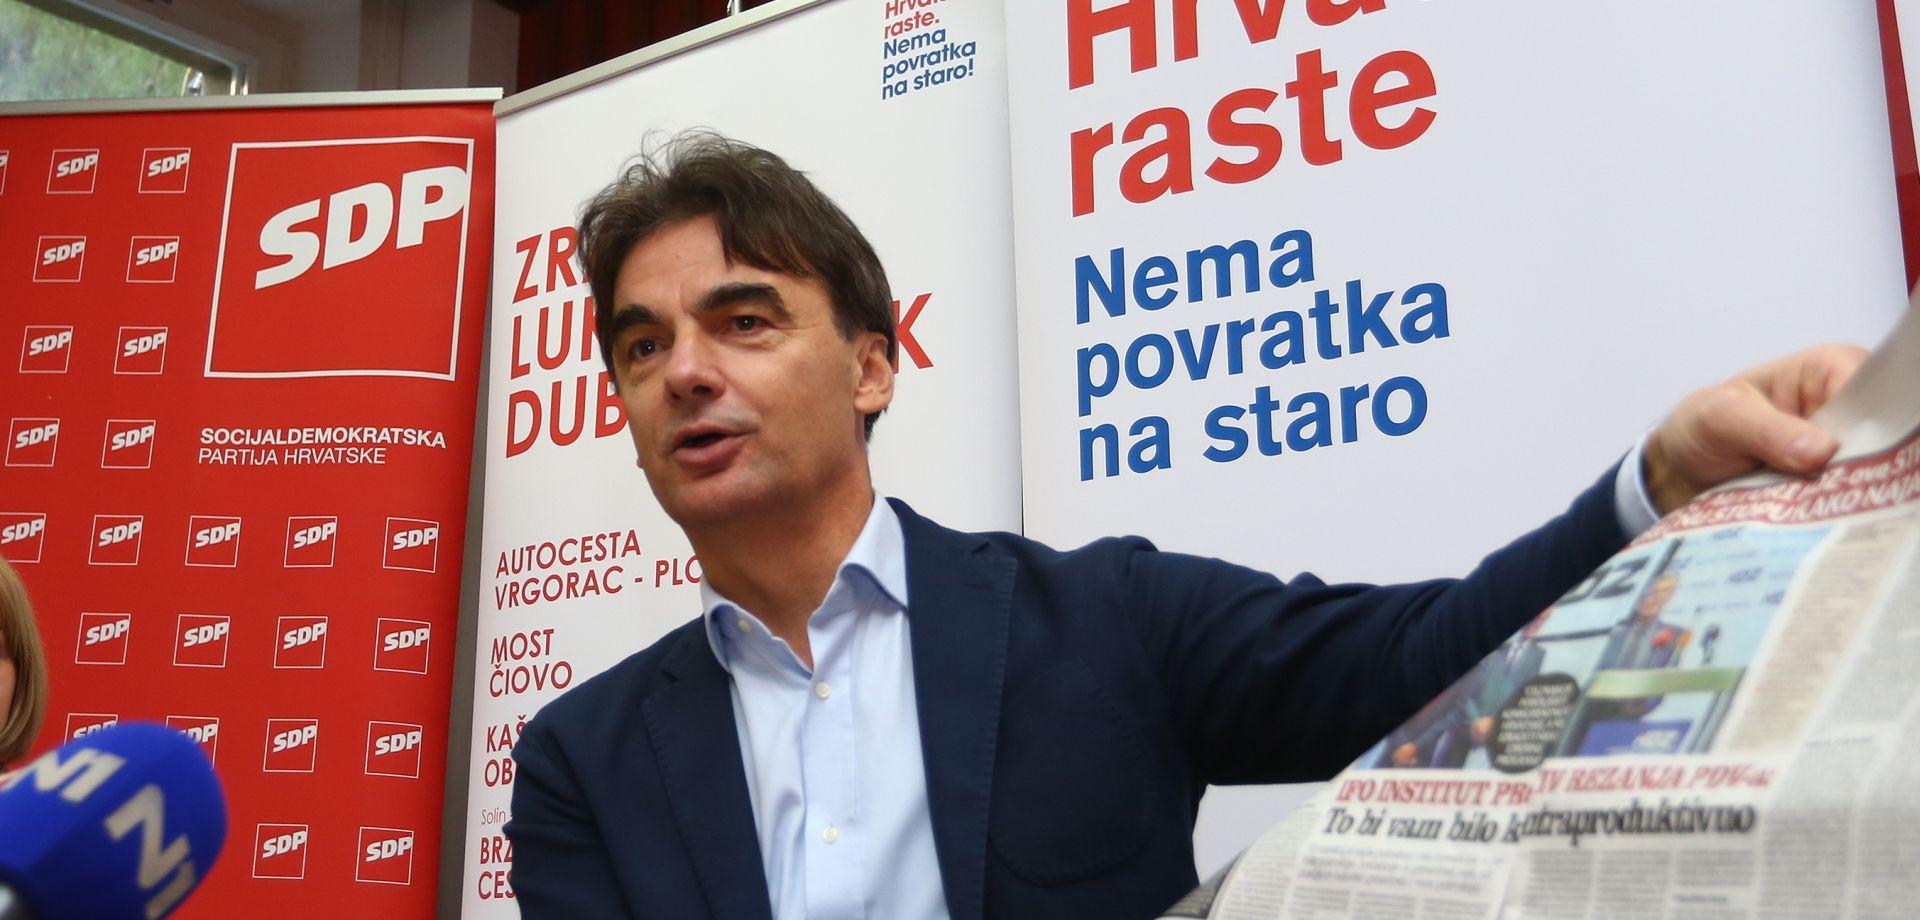 Grčić: I IFO institut se ograđuje od HDZ-ove najave smanjivanja PDV-a